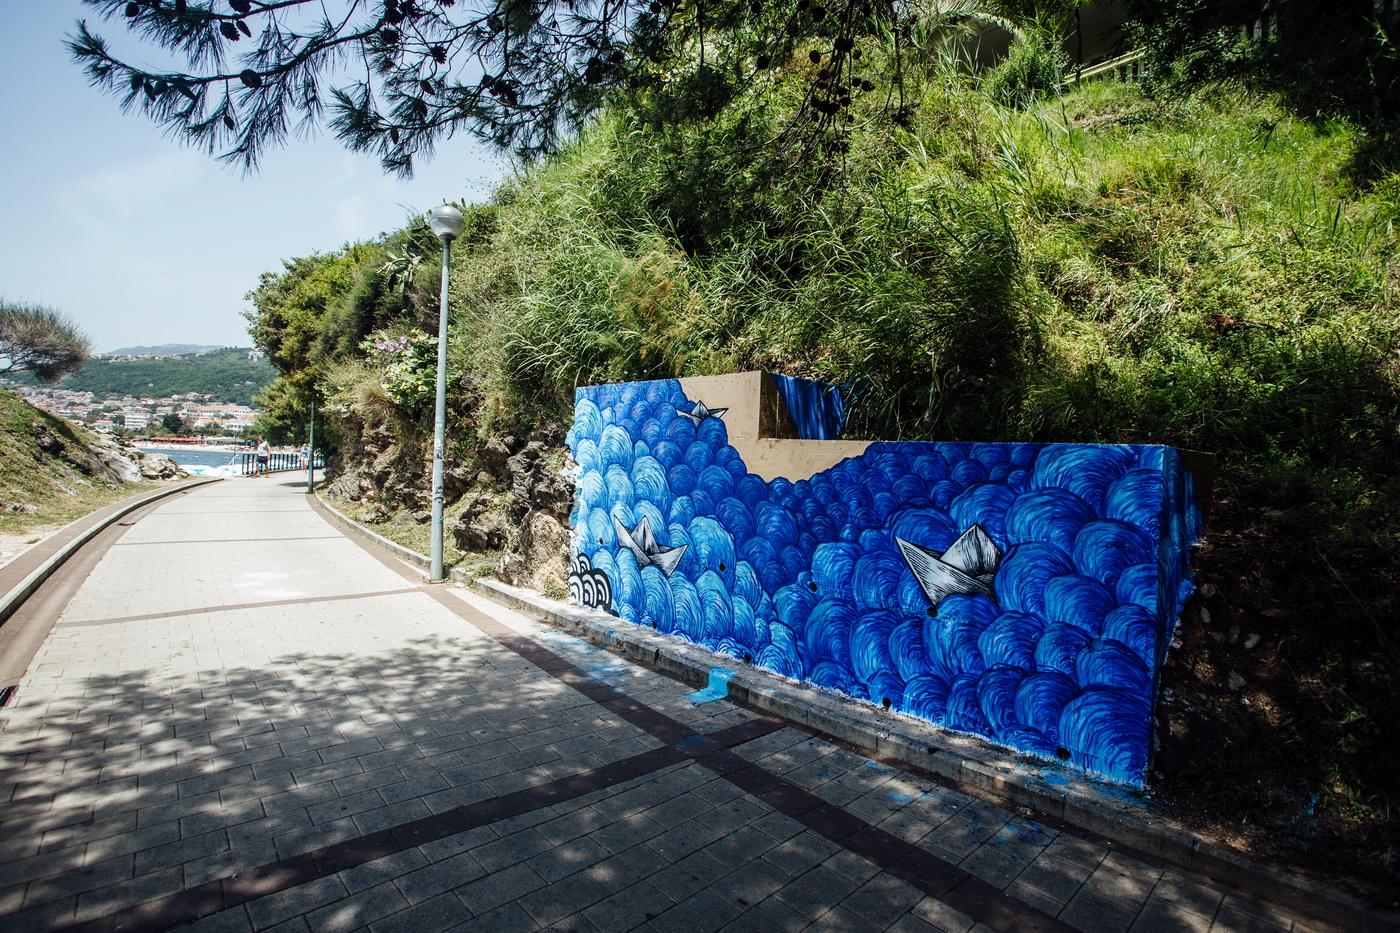 Street art festivala